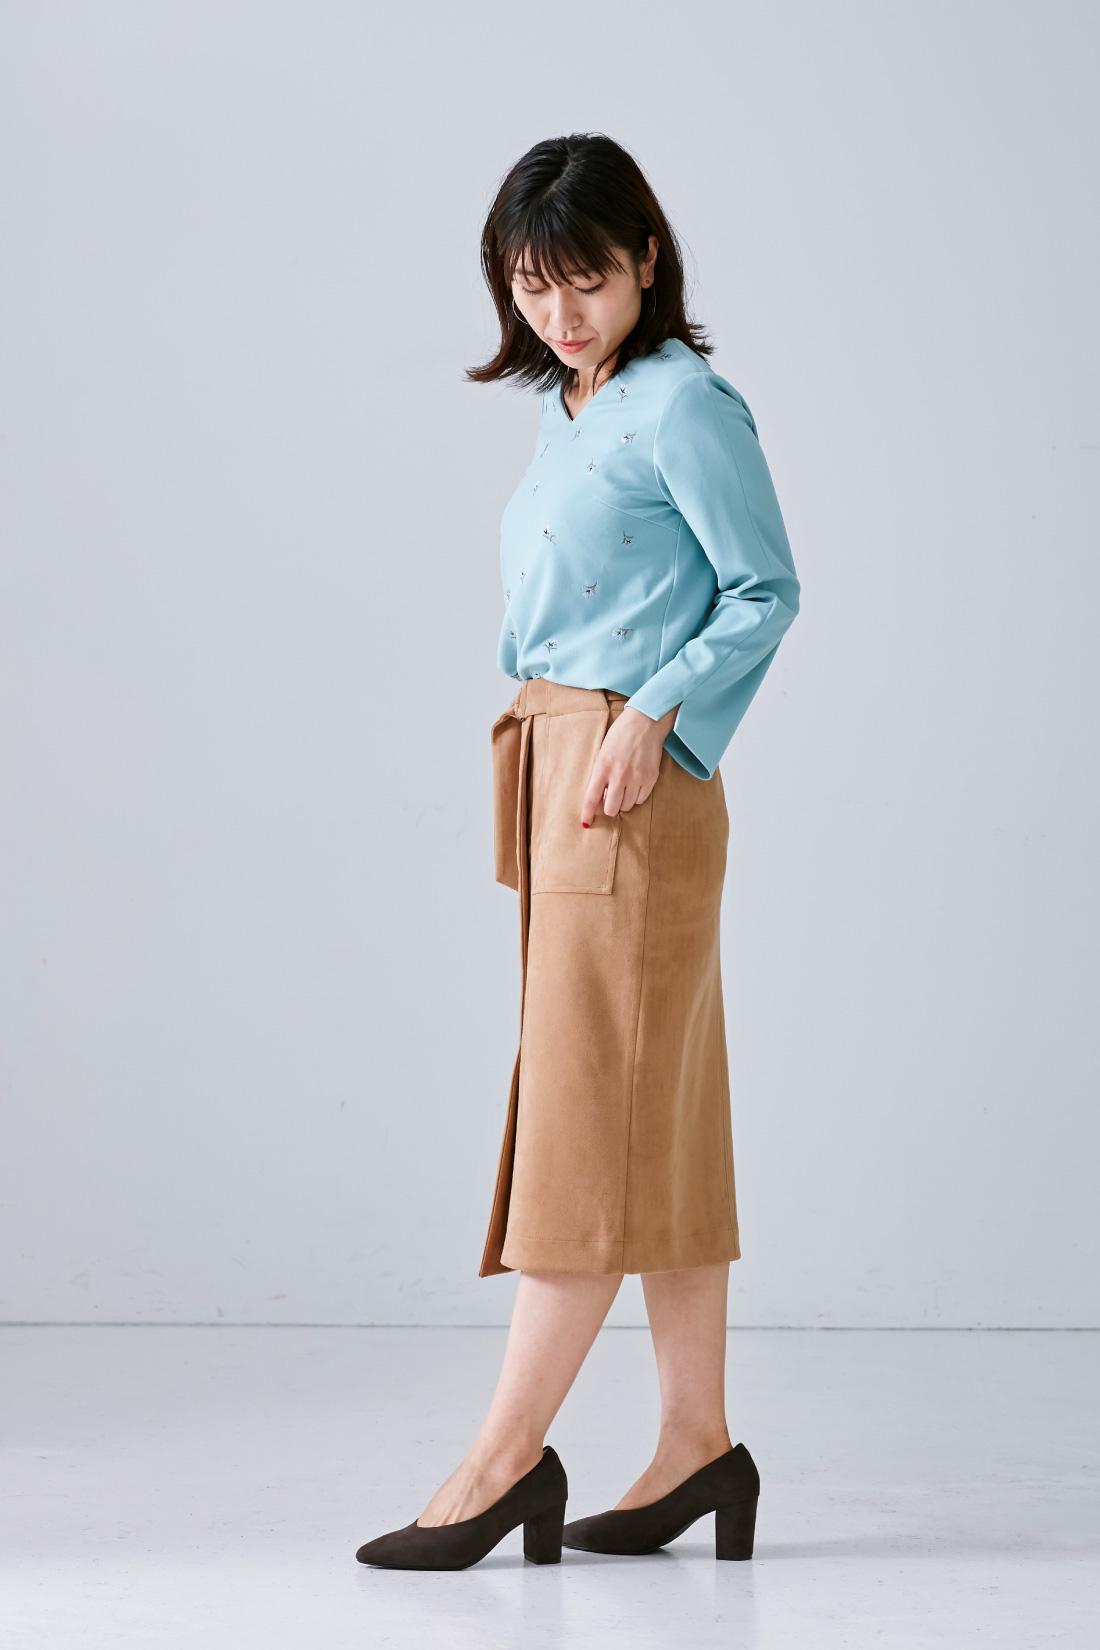 モデル身長:165cm 着用サイズ:M  ※着用イメージです。お届けするカラーとは異なります。